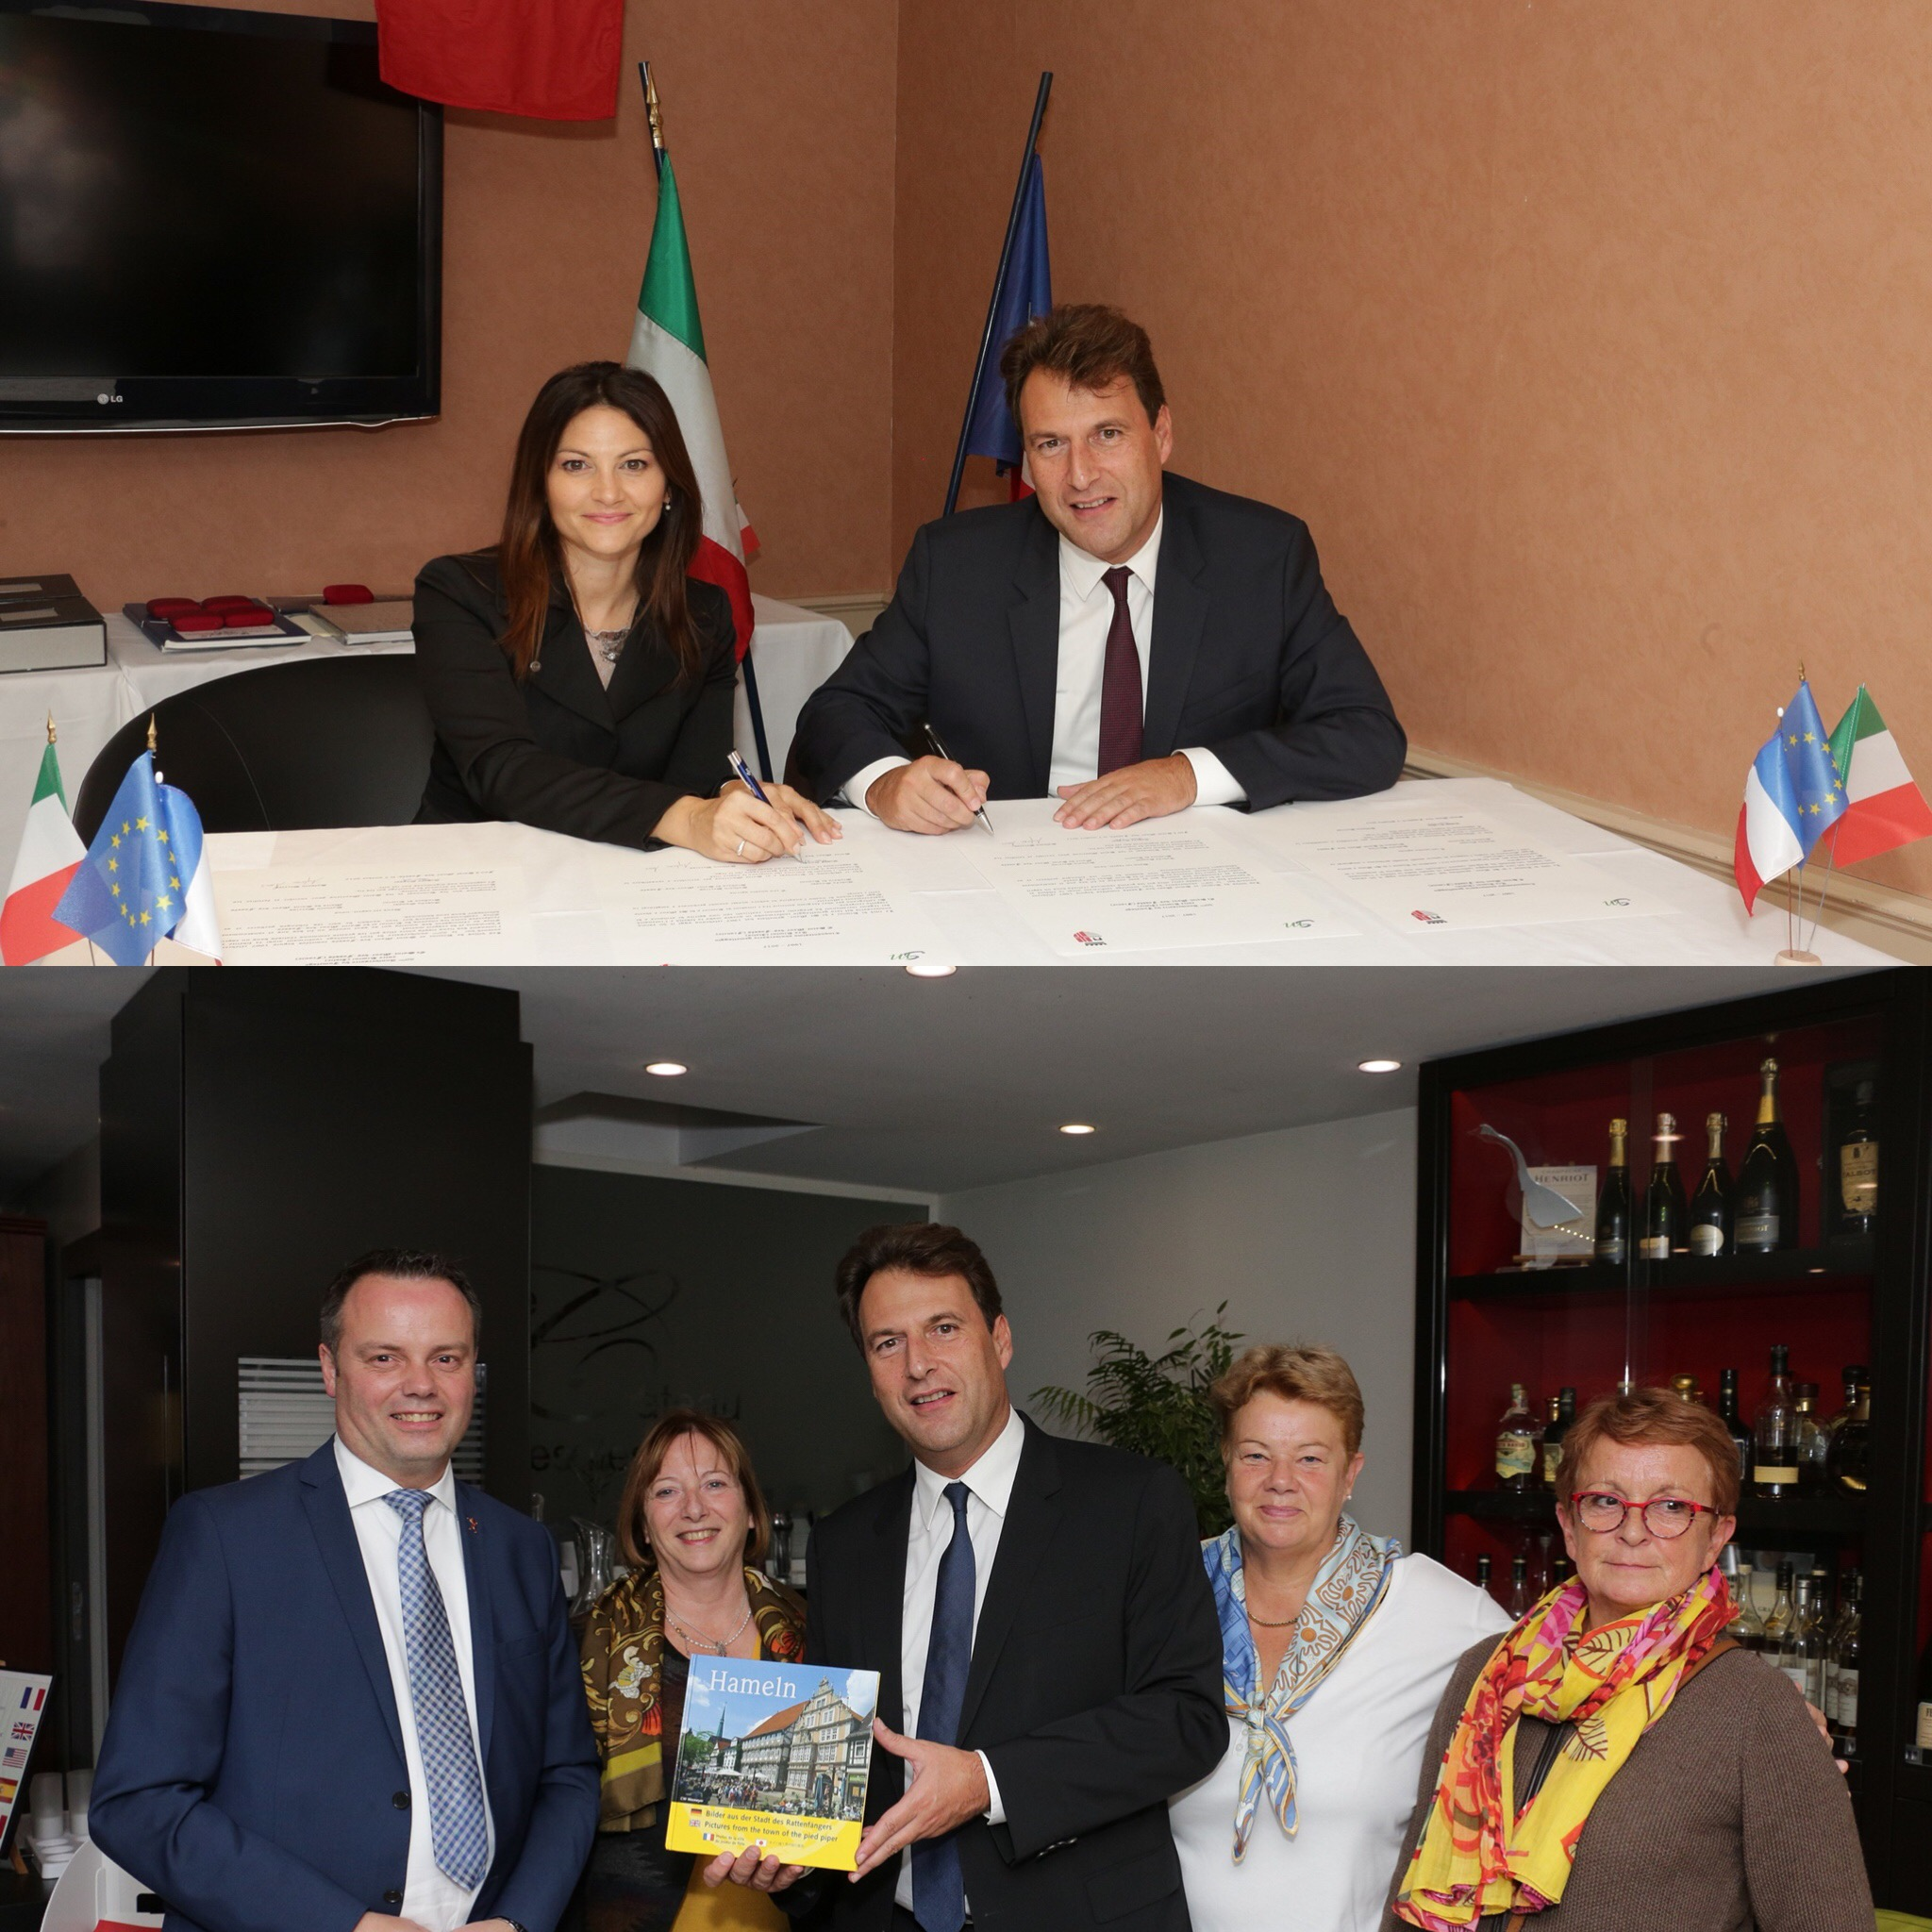 Rimini et Hameln : un demi siècle de jumelage avec Saint-Maur